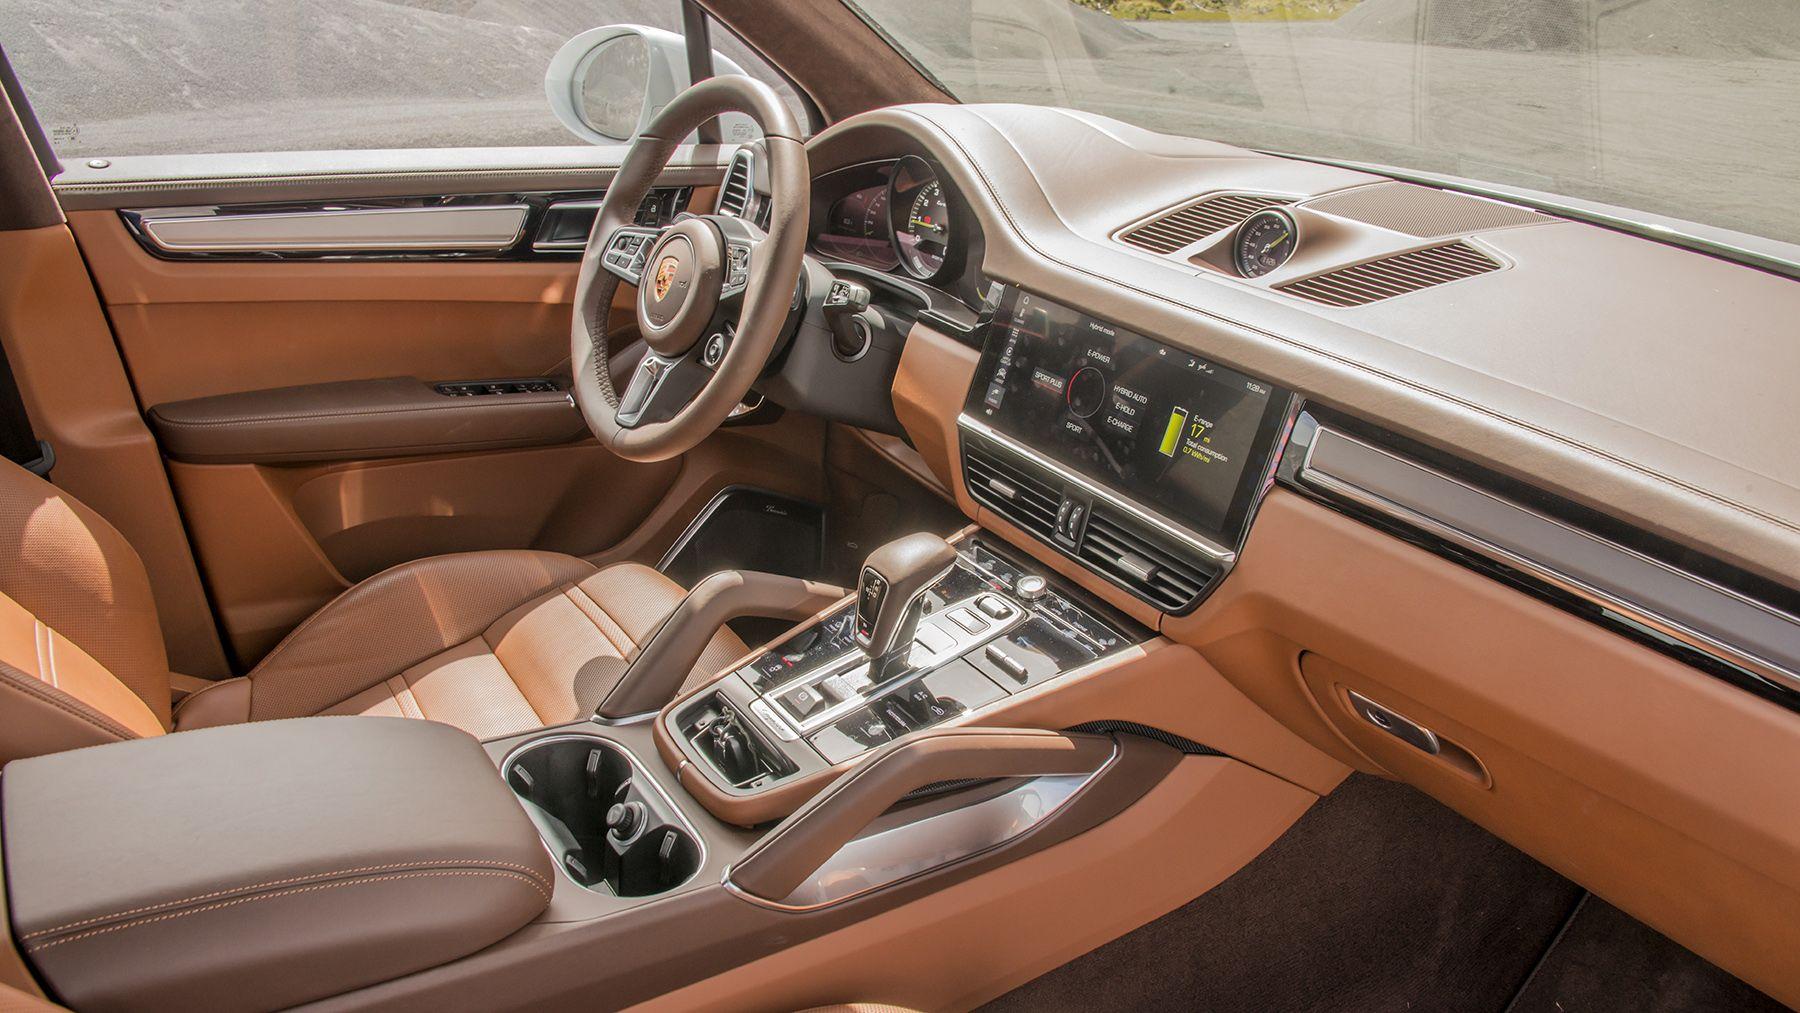 2020 Porsche Cayenne Turbo S E Hybrid Interior Photos